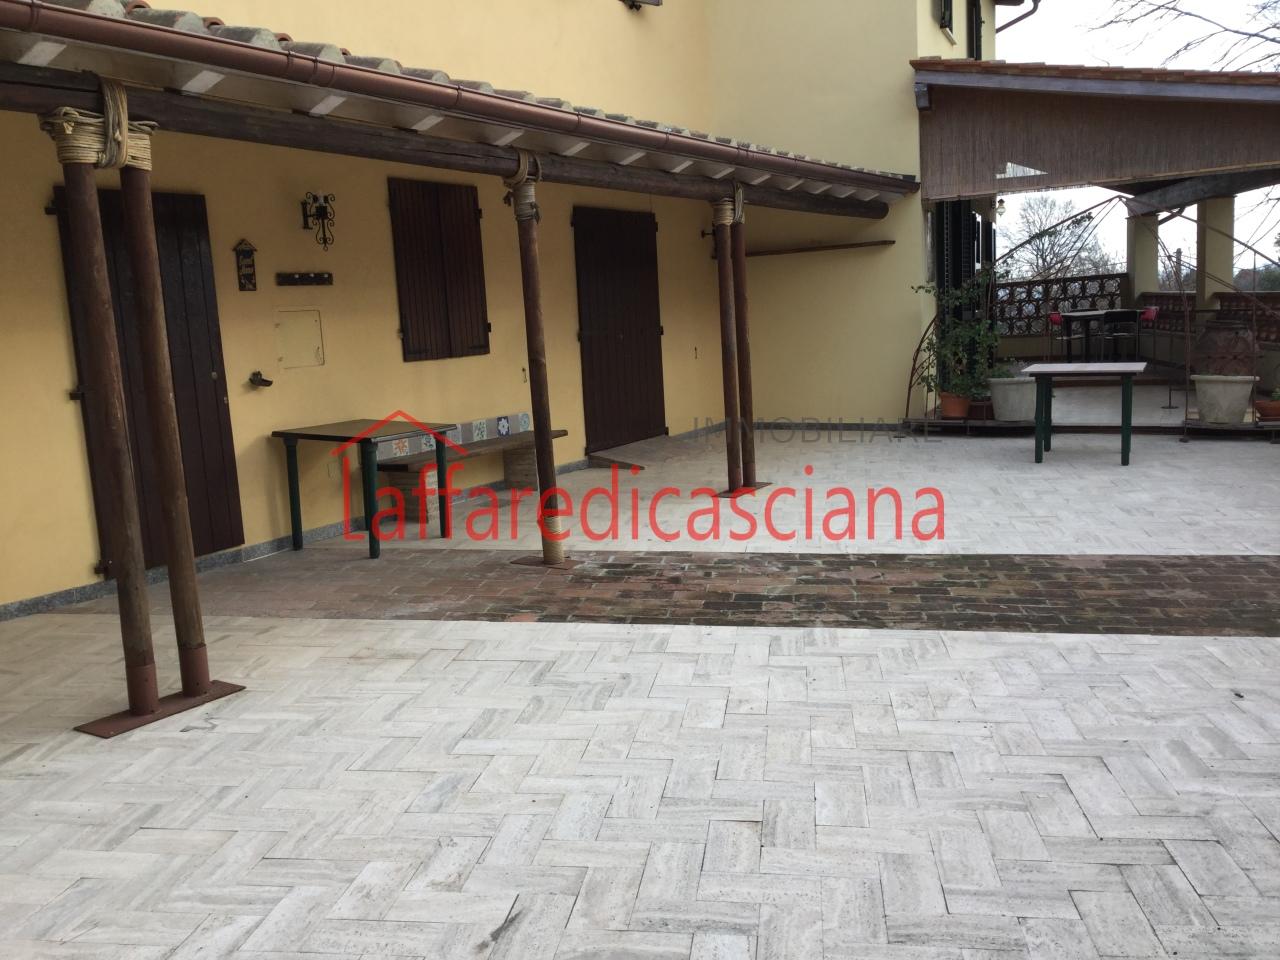 Appartamento in affitto a Casciana Terme Lari, 3 locali, prezzo € 450 | Cambio Casa.it